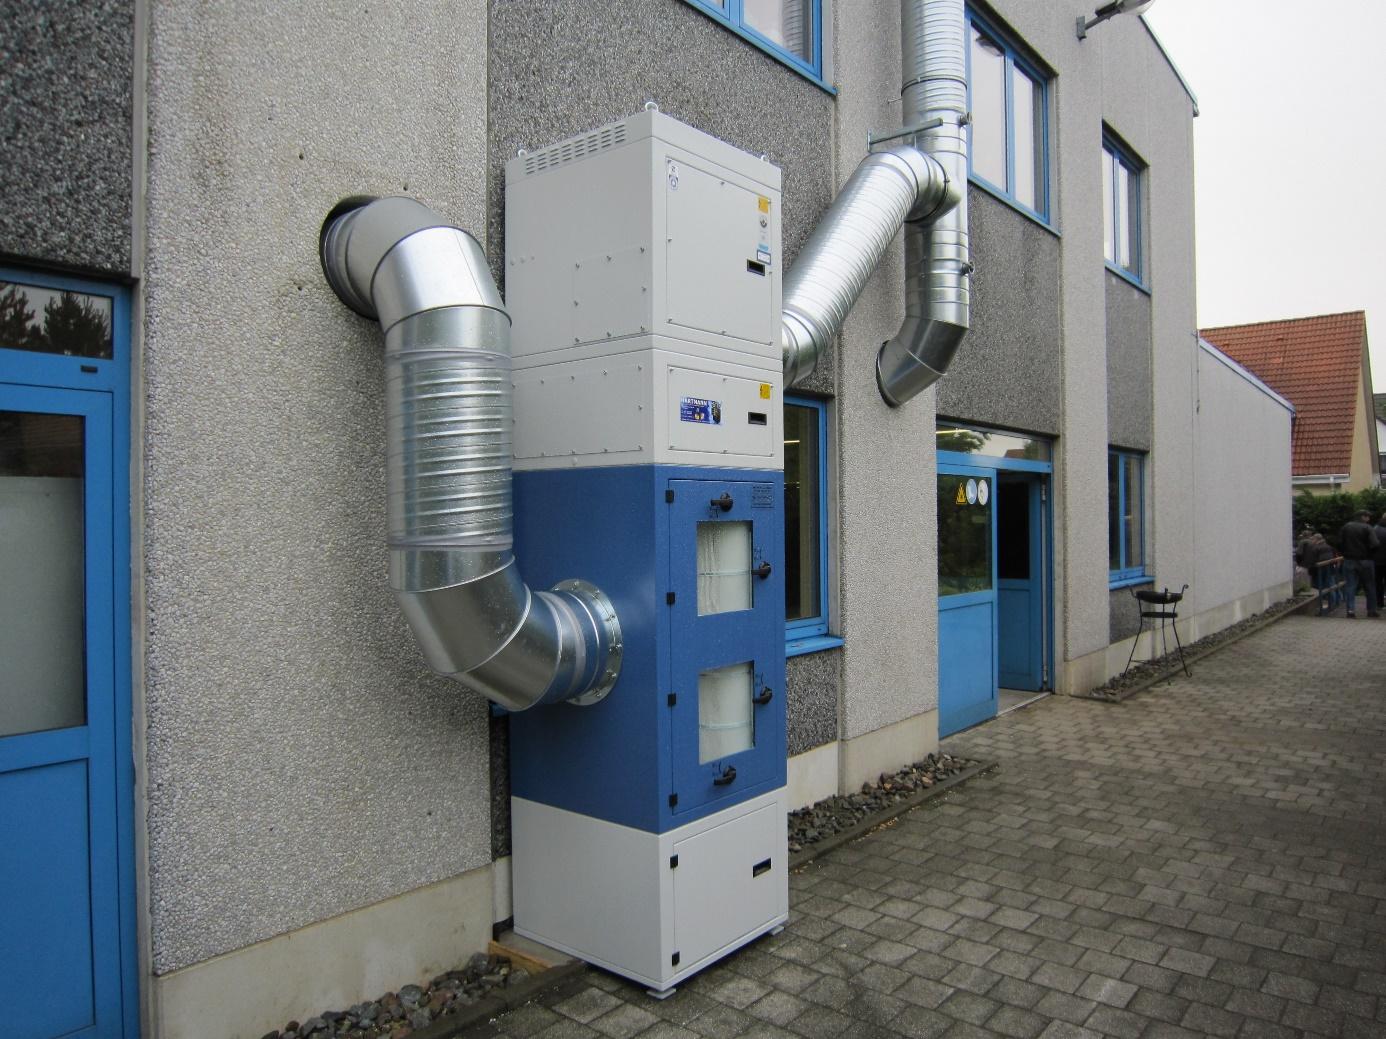 Druckluftabgereinigte Patronenfilter (Außenaufstellung)